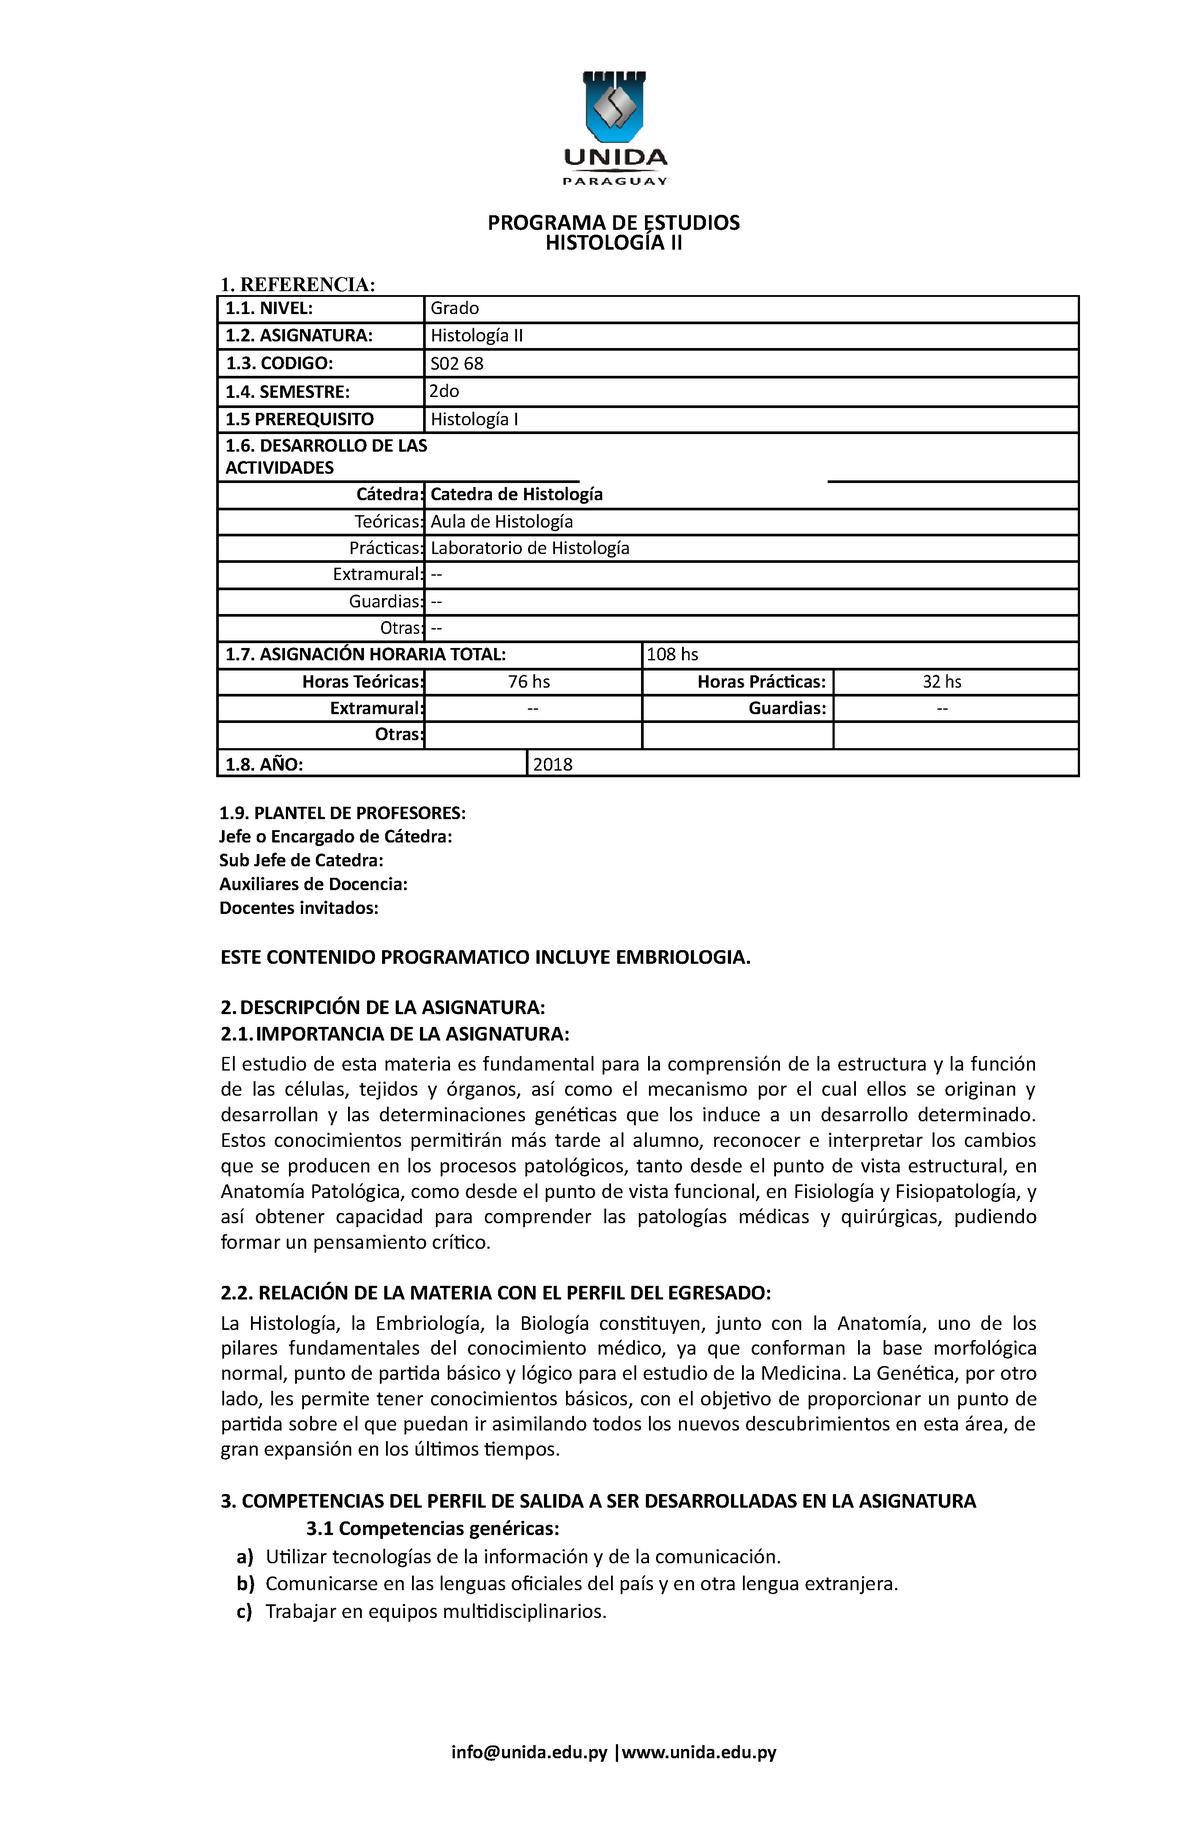 Histología Ii Programa Udec Studocu